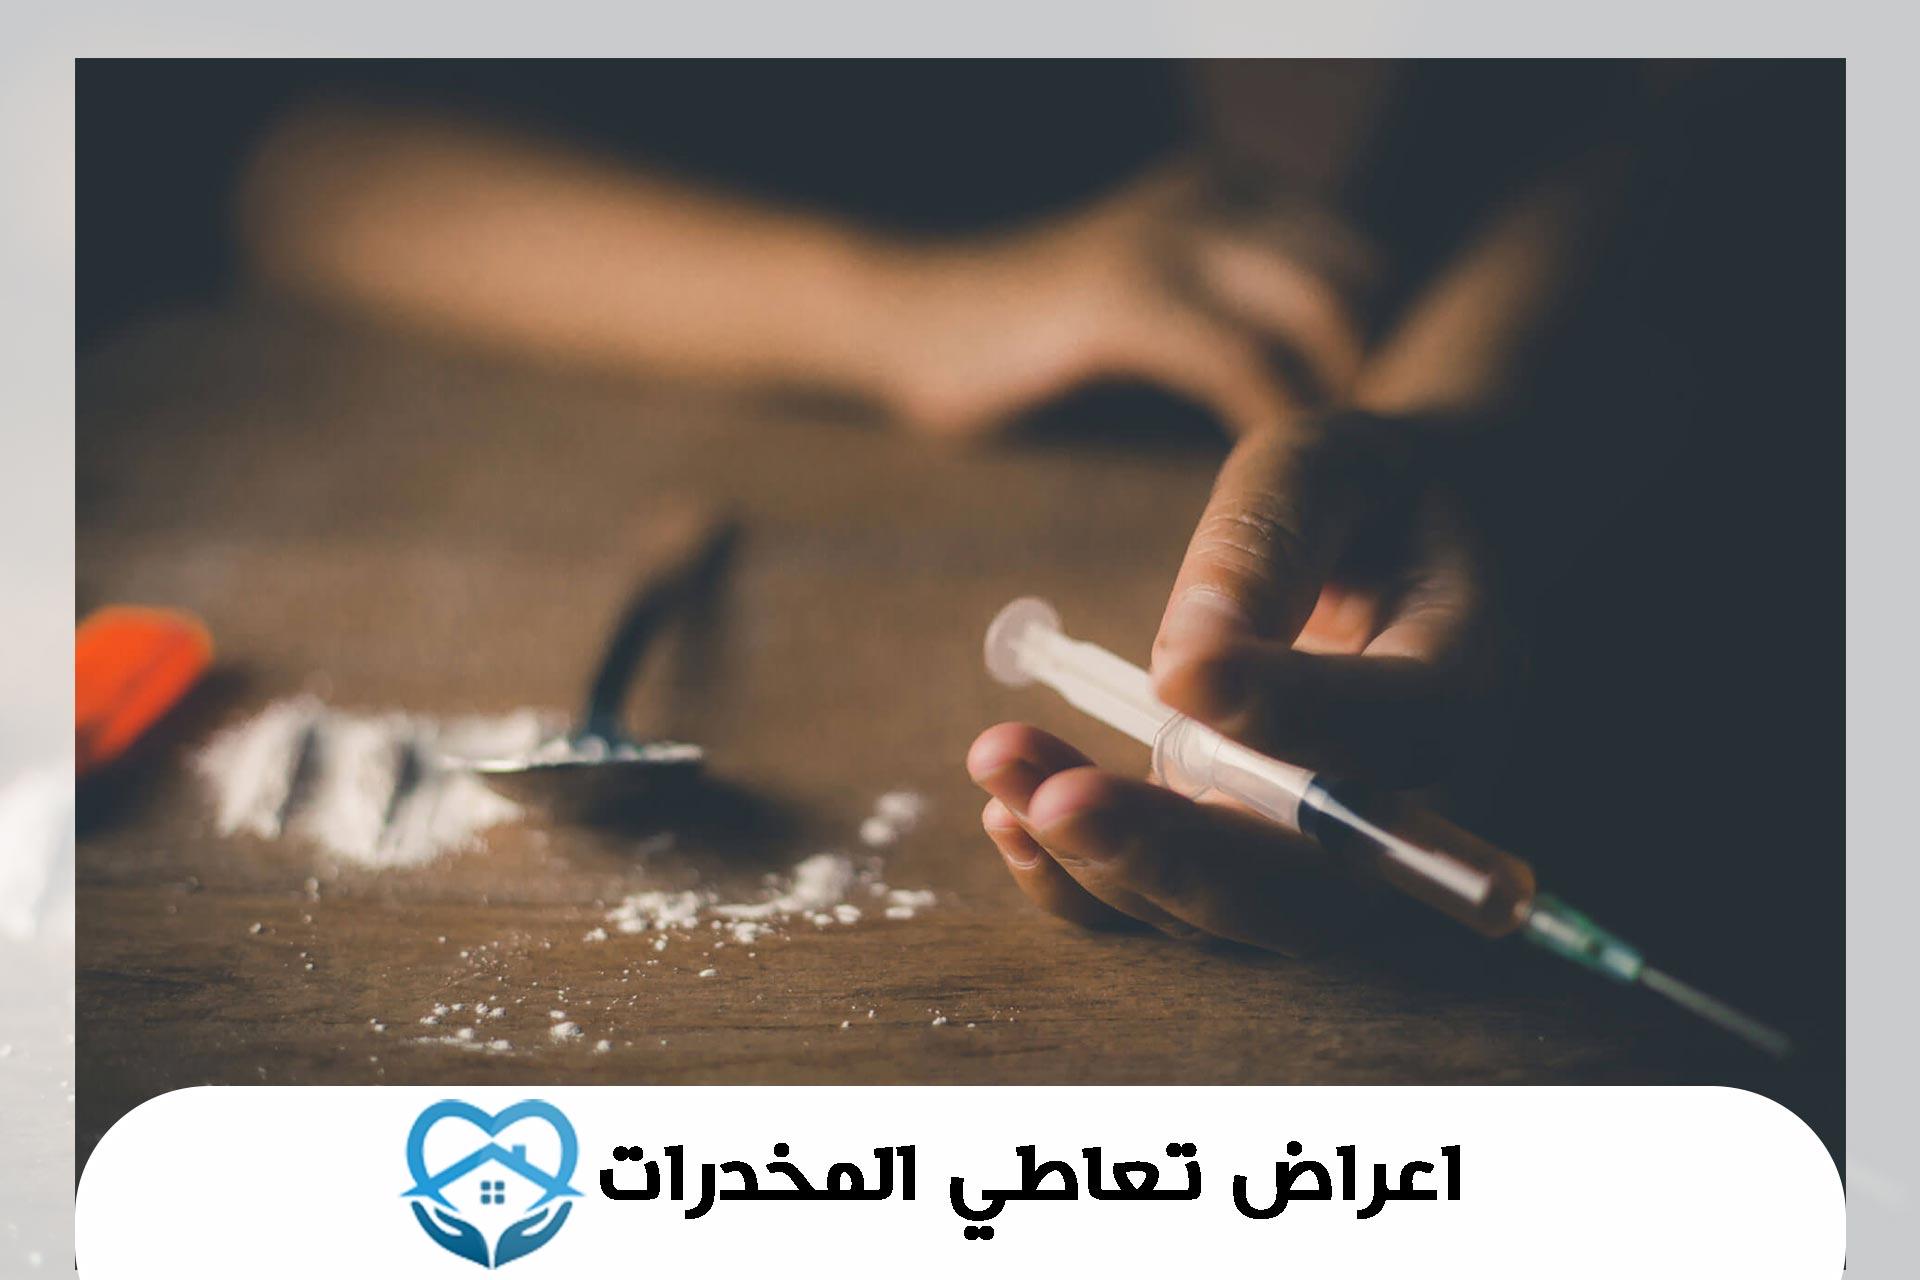 اعراض-تعاطي-المخدرات